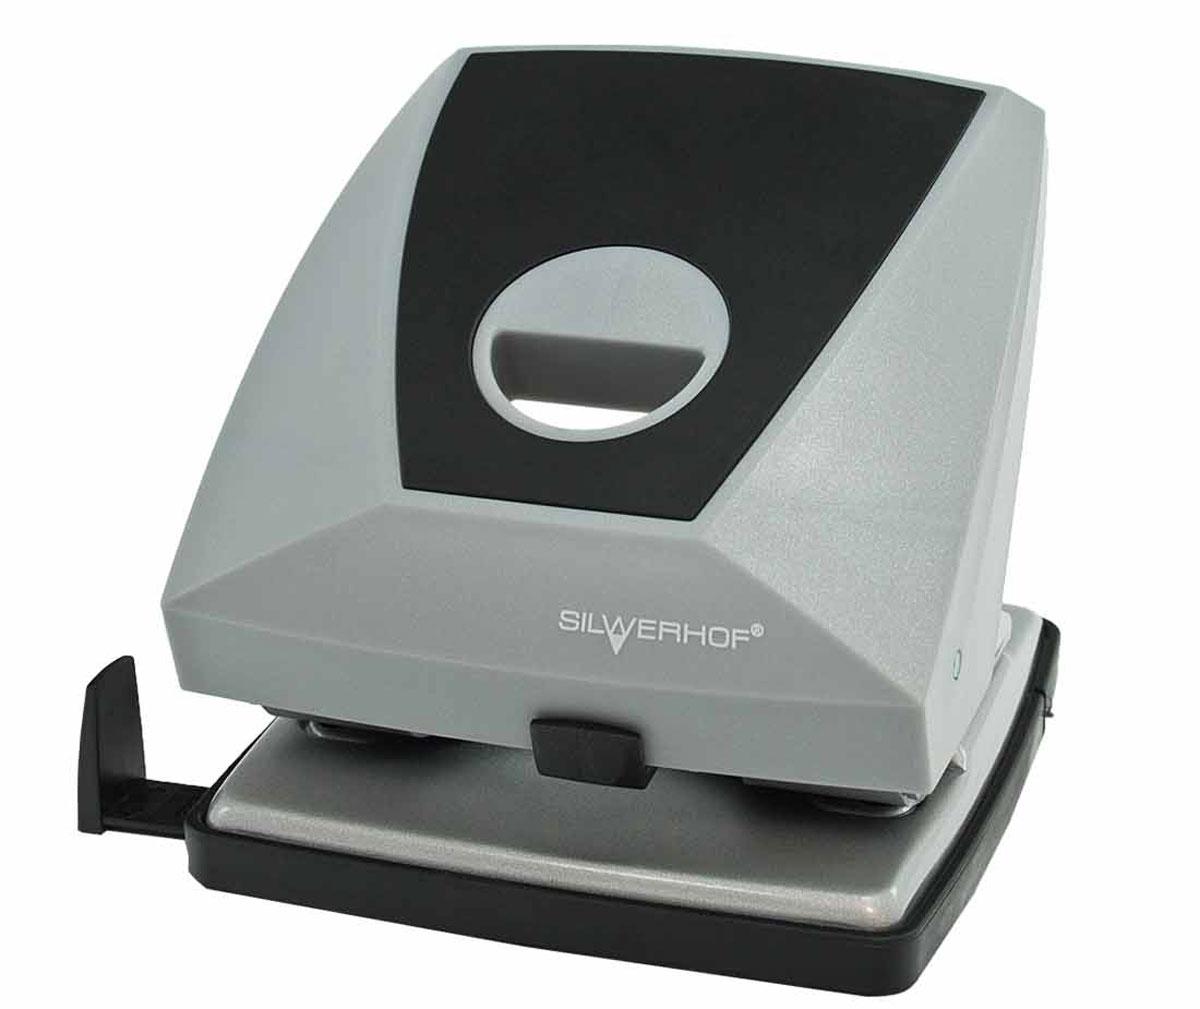 Silwerhof Дырокол Diamond на 30 листов цвет серый черный391005-01Надежный цельнометаллический дырокол Silwerhof Diamond - это незаменимый офисный инструмент для перфорации бумаги и картона.Пробивной механизм выполнен из легированной стали. Дырокол предназначен для одновременной перфорации до 30 листов бумаги 80г/м. Корпус дырокола оснащен удобным эргономичным отверстием. Дырокол имеет выдвижную линейку с разметкой для документов различных форматов, а также съемный резервуар для обрезков бумаги,встроенный в основание.Имеется фиксатор для хранения дырокола в закрытом состоянии.